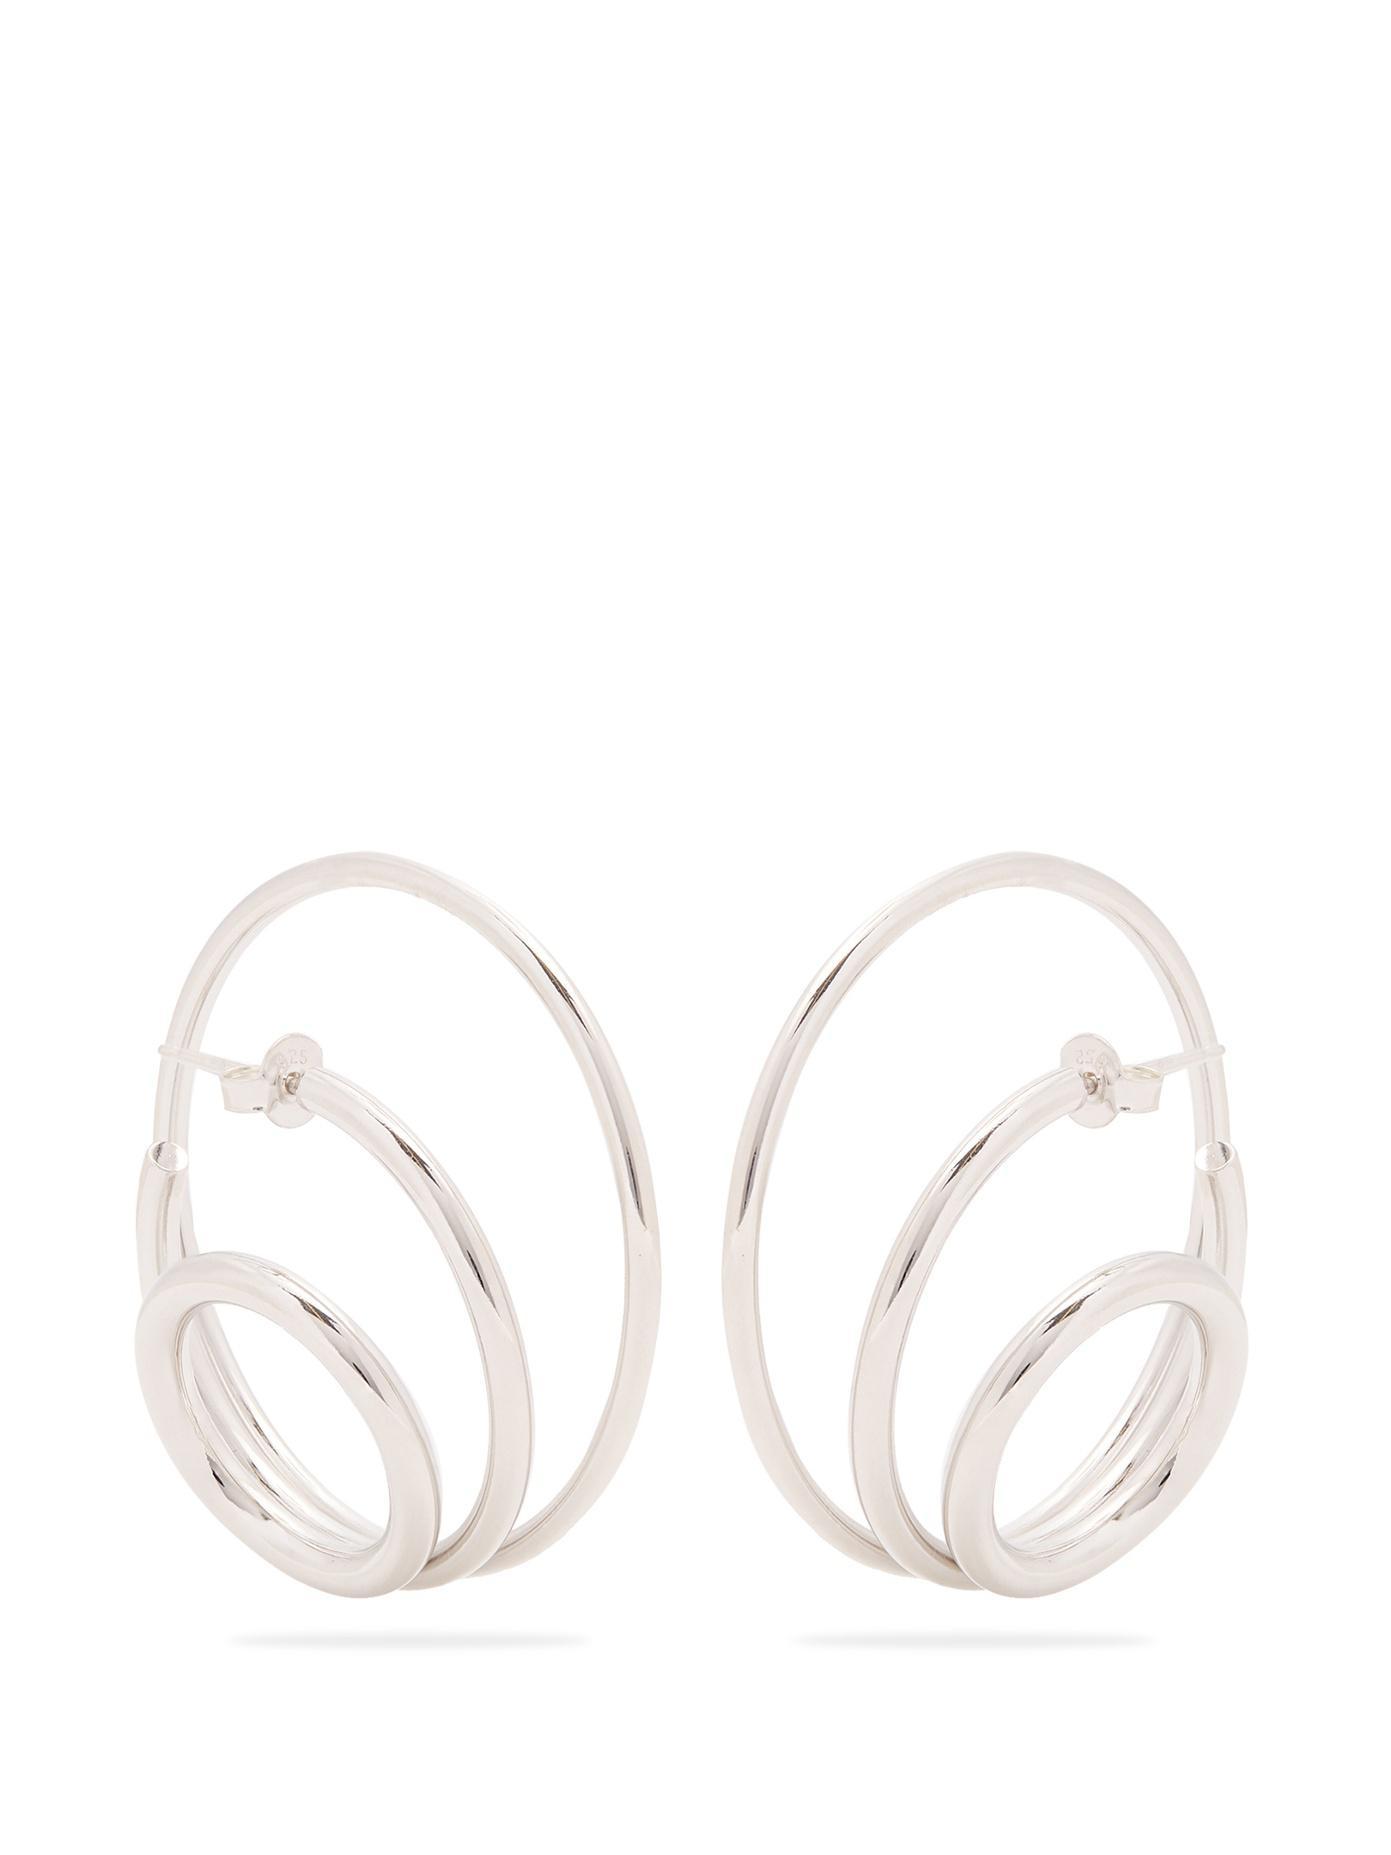 Charlotte Chesnais Ricoche Medium Earrings - Silver Silver XqnrB